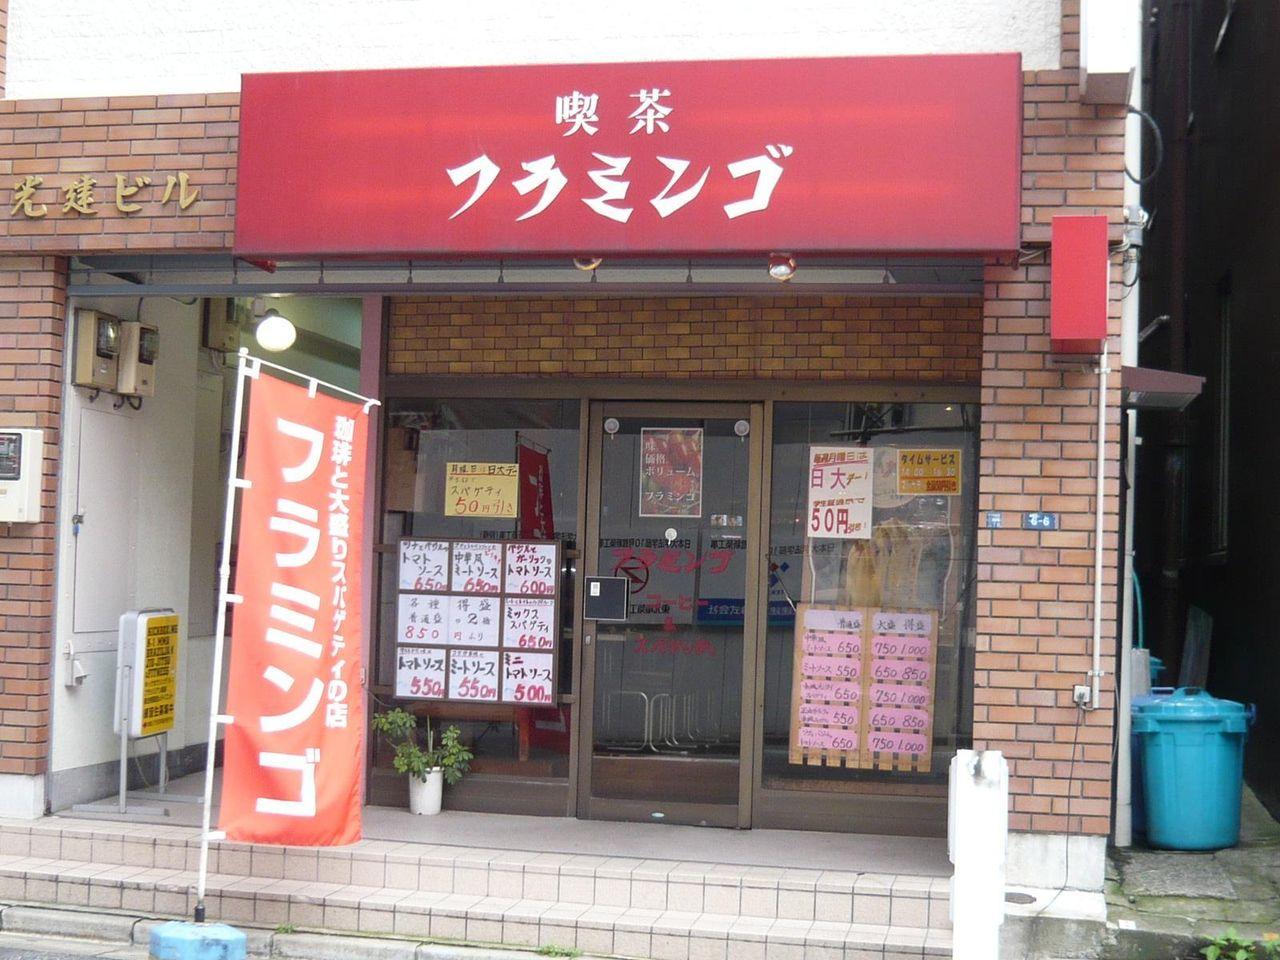 学生街のデカ盛り喫茶店です!